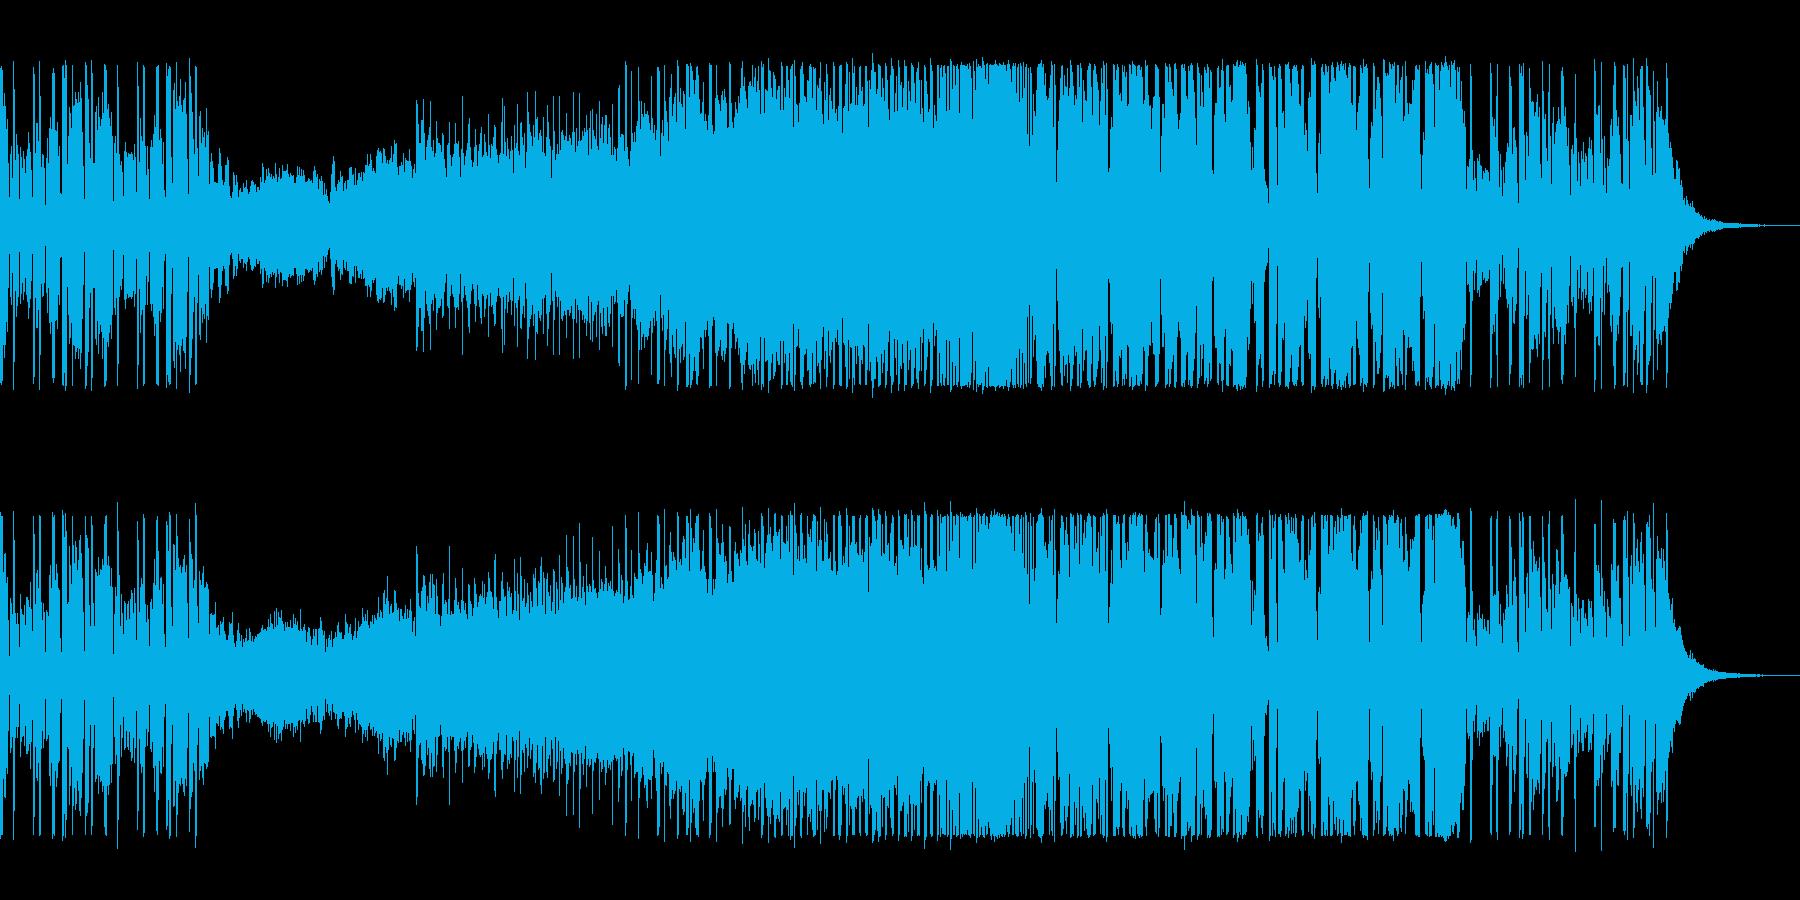 ゆったりキラキラのエレクトロポップの再生済みの波形